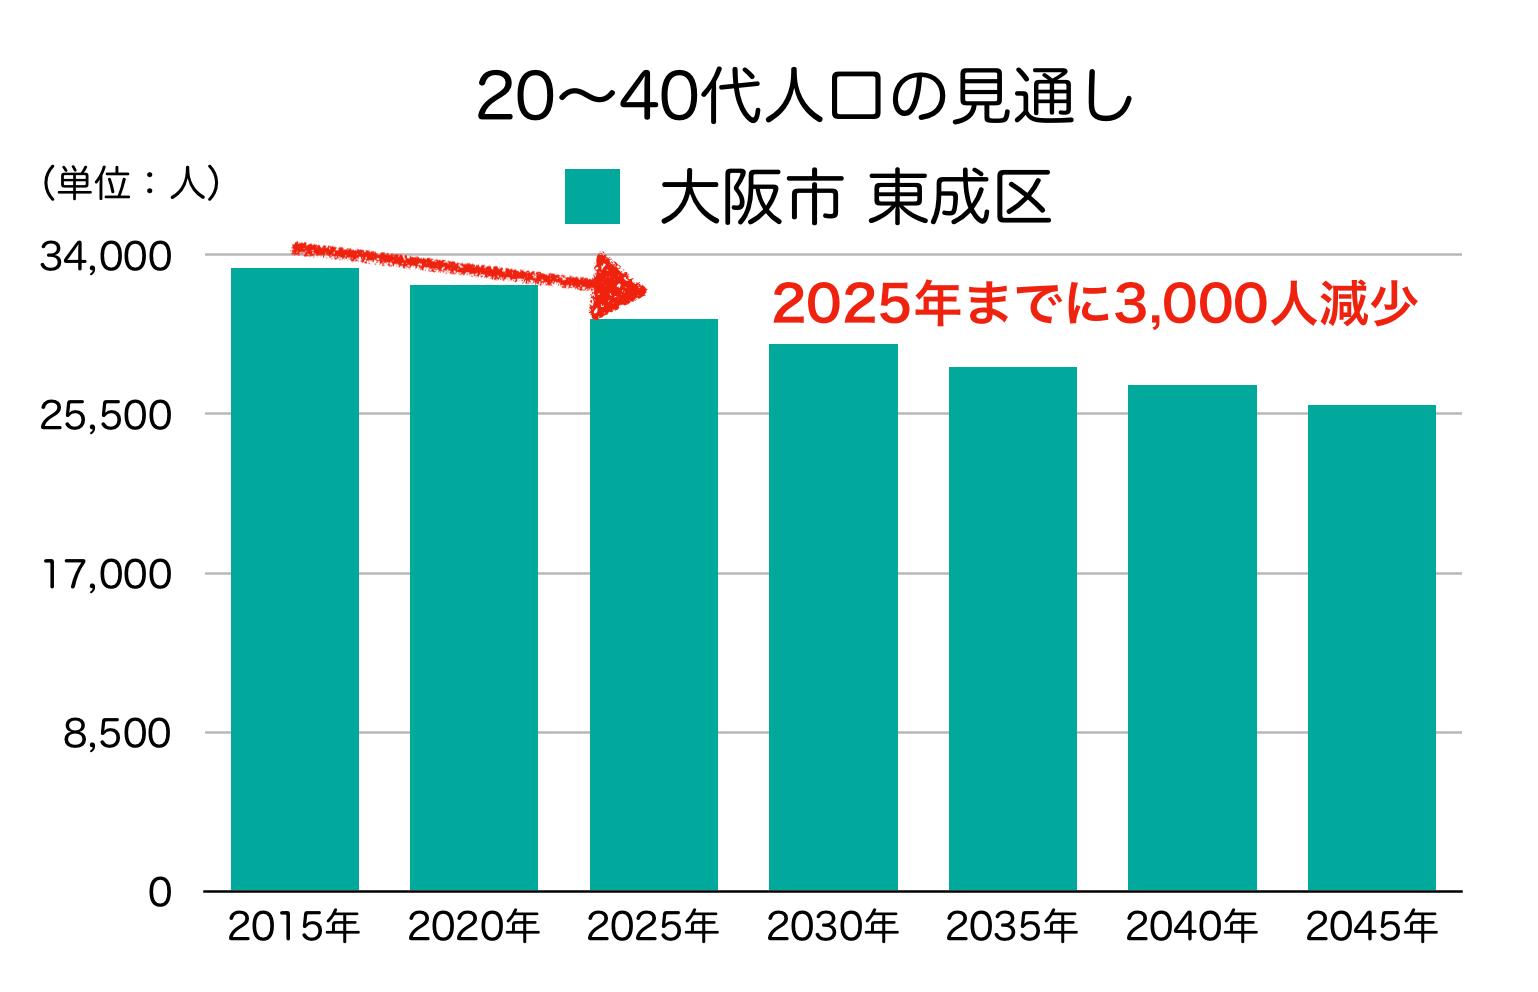 大阪市東成区の20〜40代人口の予測